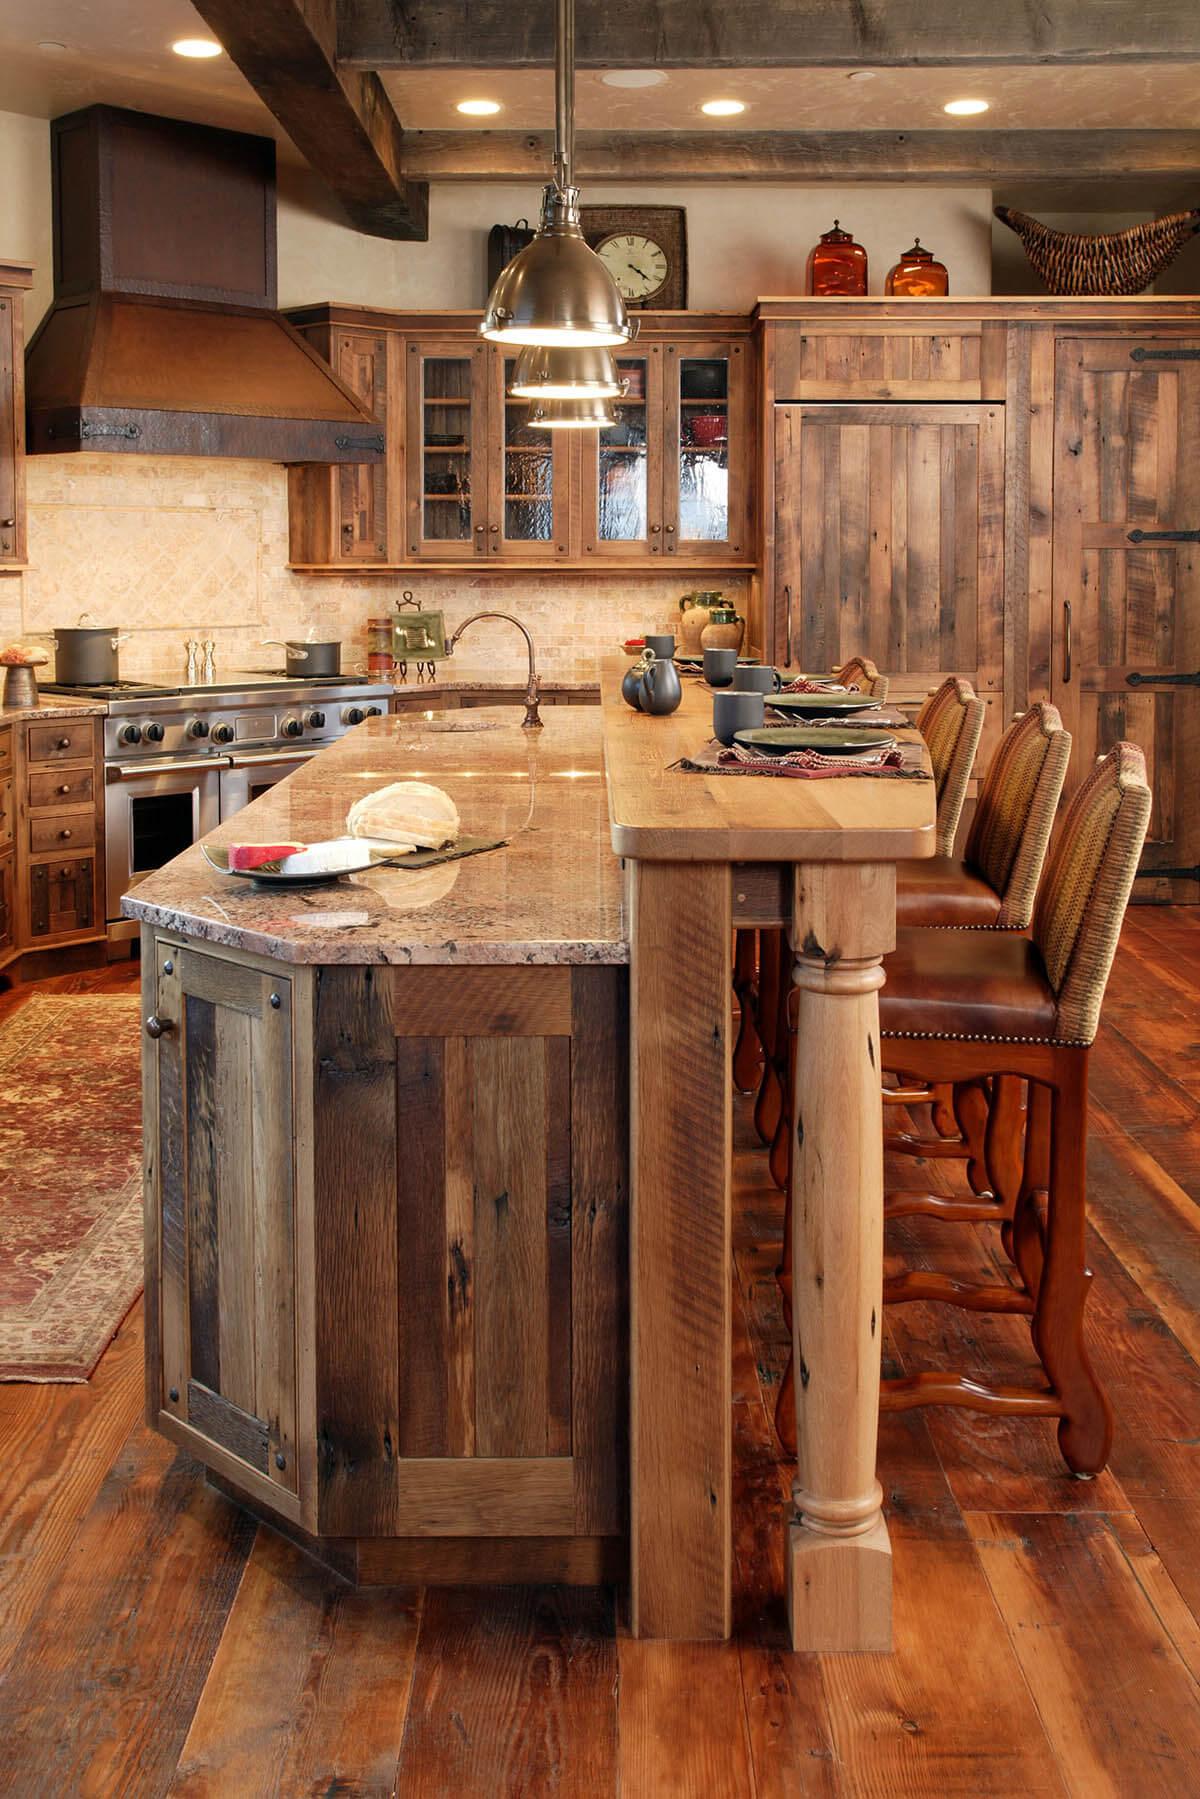 Une promenade dans la cuisine lambrissée en bois